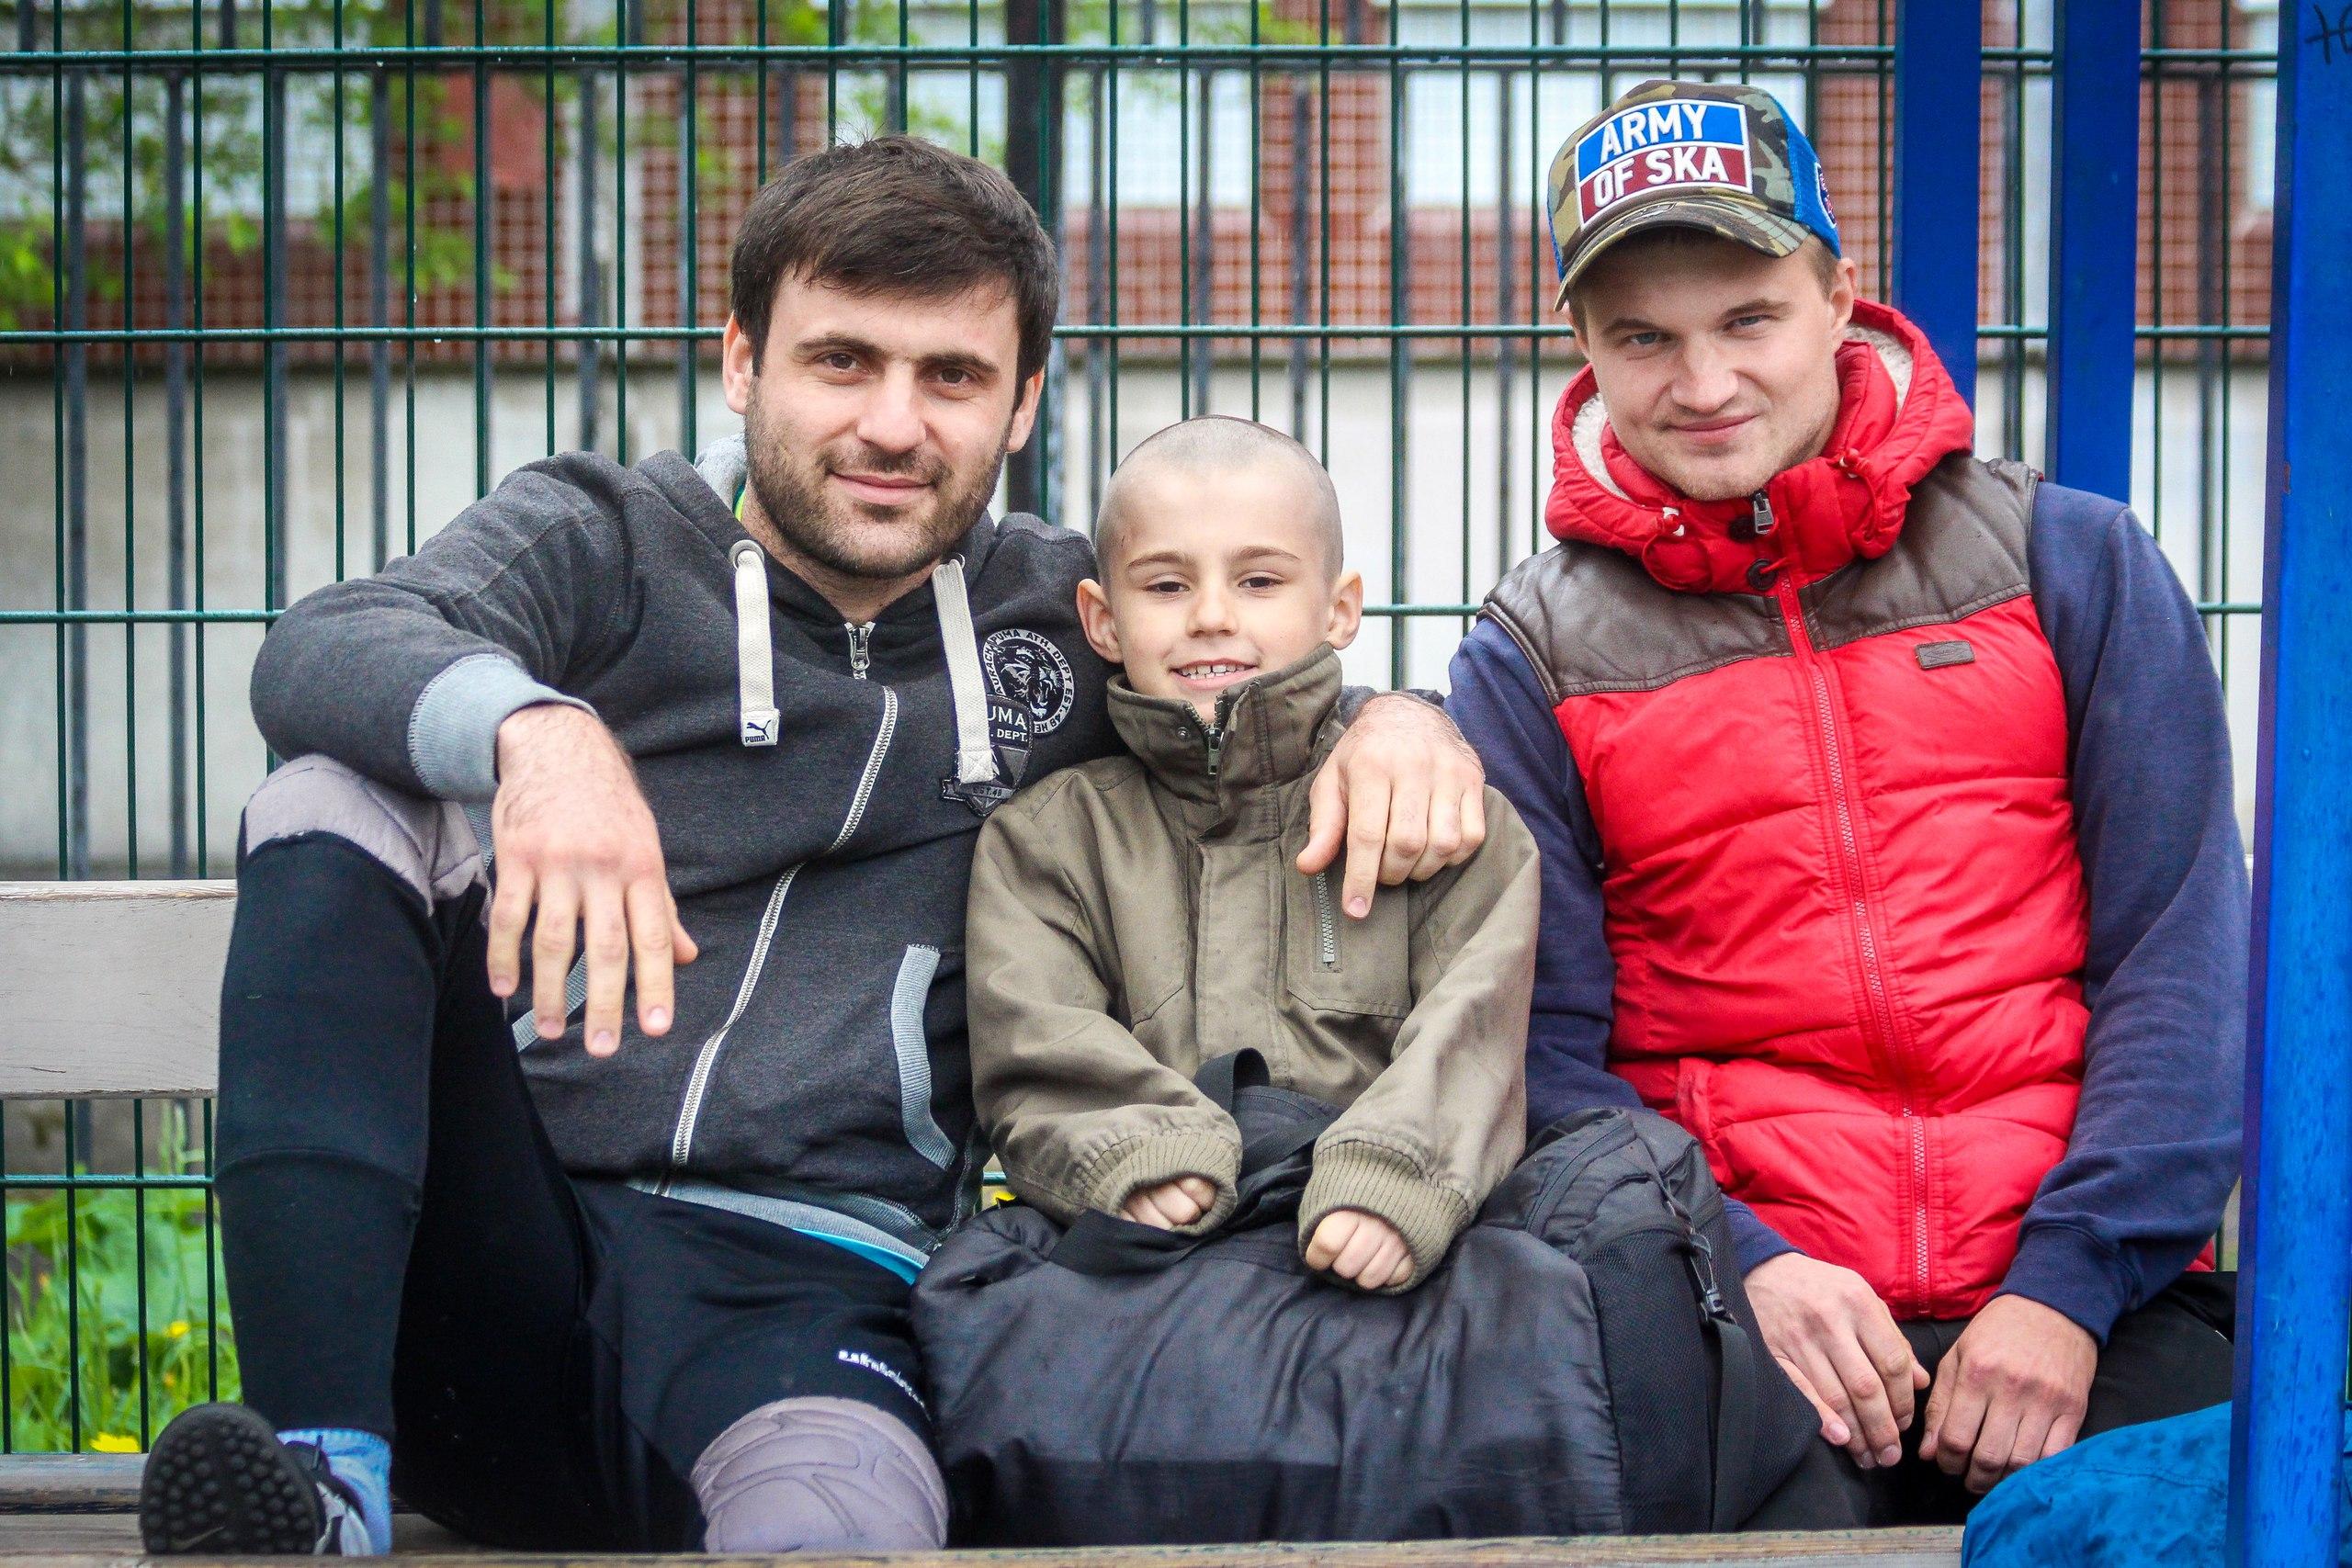 Заур Муртузалиев с ребенком и Виталий Александров на турнире пенальтистов 2017